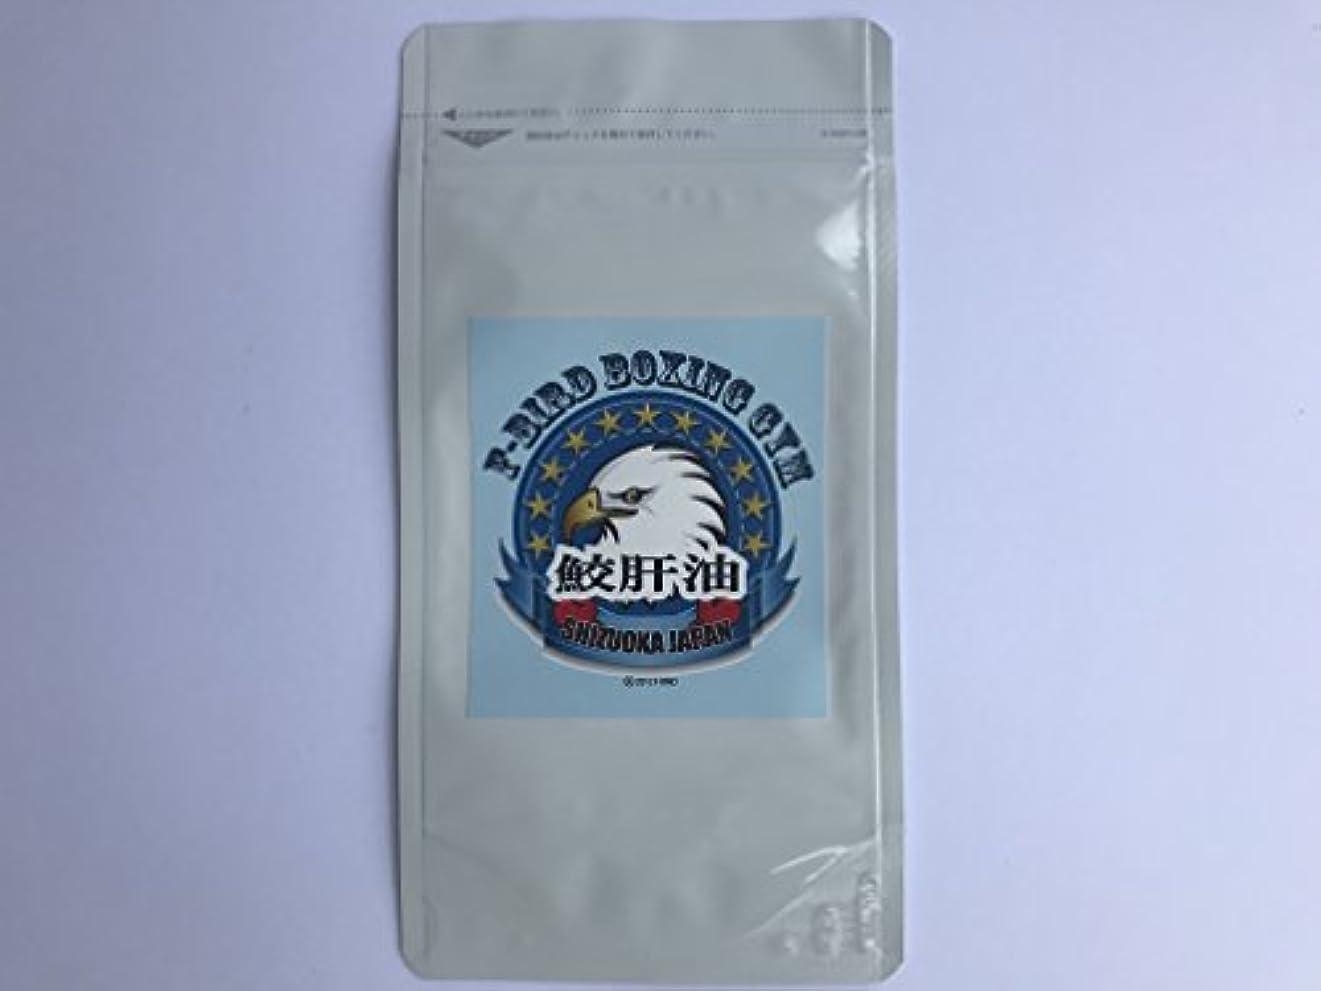 ケーキ決定的不正確【F-BIRD BOXING サプリメント】 深海鮫肝油(スクアレン99.7%含有) 90ソフトカプセル